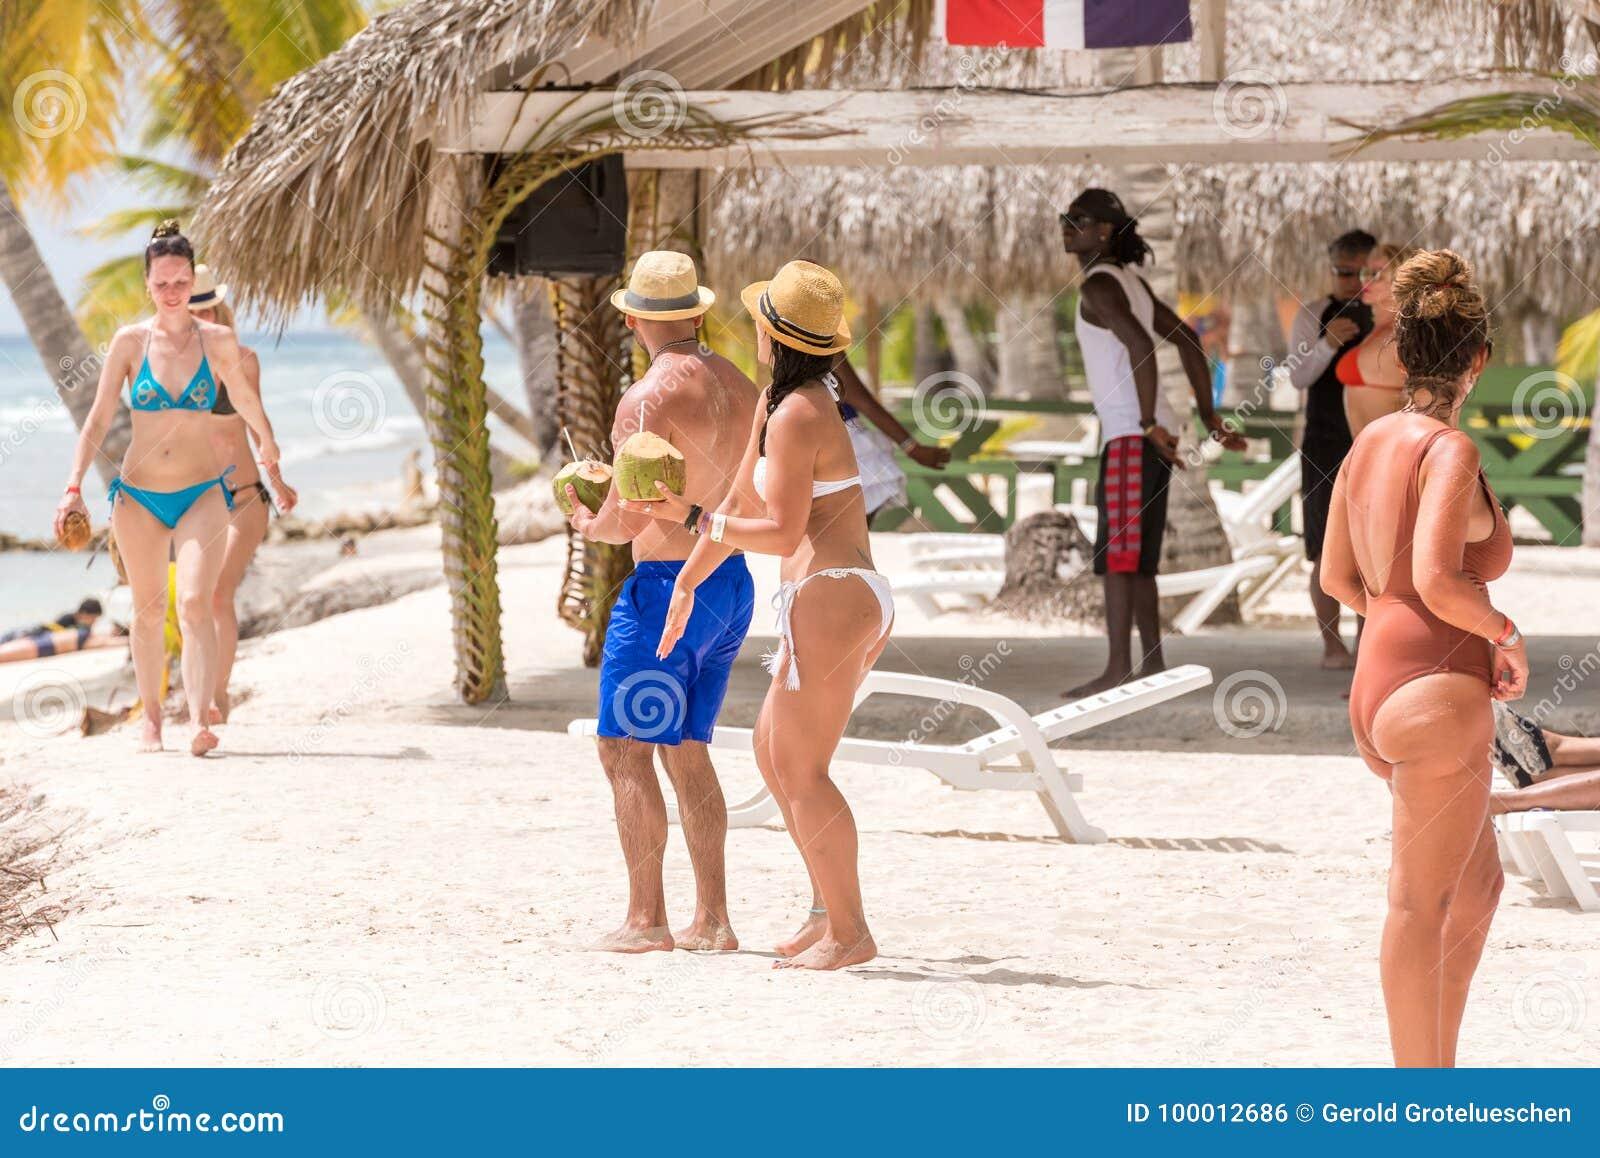 SAONA DOMINICAN REPUBLIC